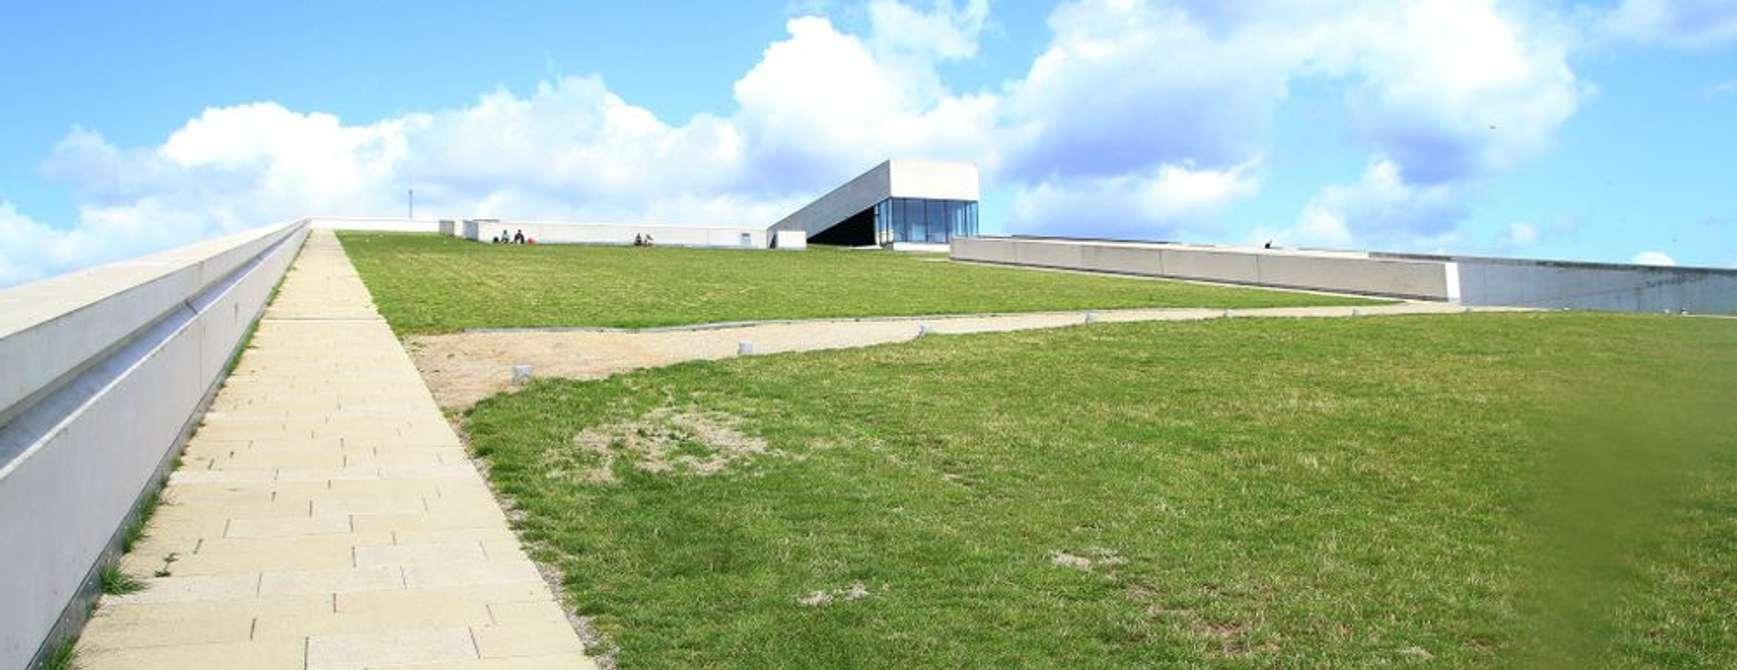 Moesgaard Museum sør for Aarhus, ligger nydelig plassert. Stedet er ypperlig for en utflukt. Her får du både i kulturell pose og naturskjønn sekk. Foto: Fjord Line